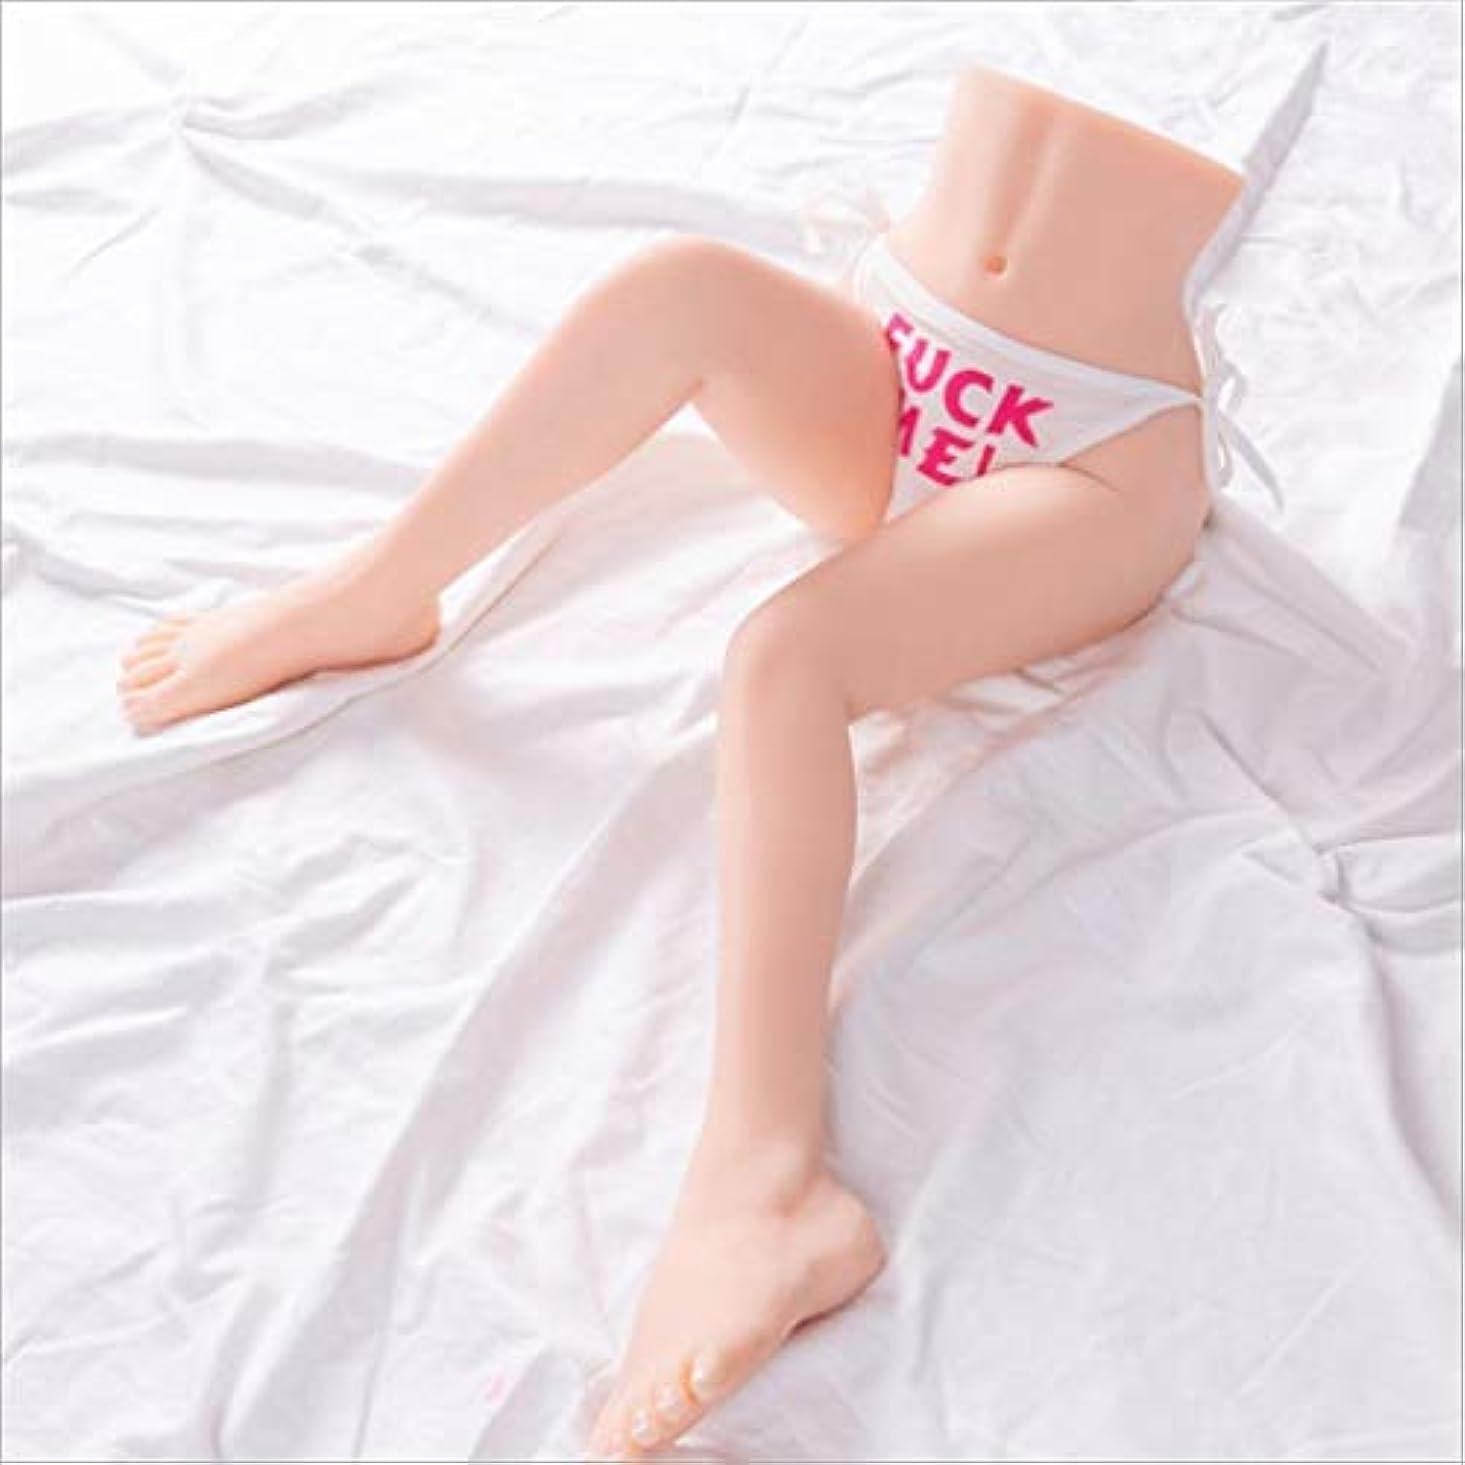 なのでアクセス司書秘密のパッケージを持つ男ファニー大人のおもちゃのためのLifeSize女性トルソー愛のおもちゃ (Size : 50cm)